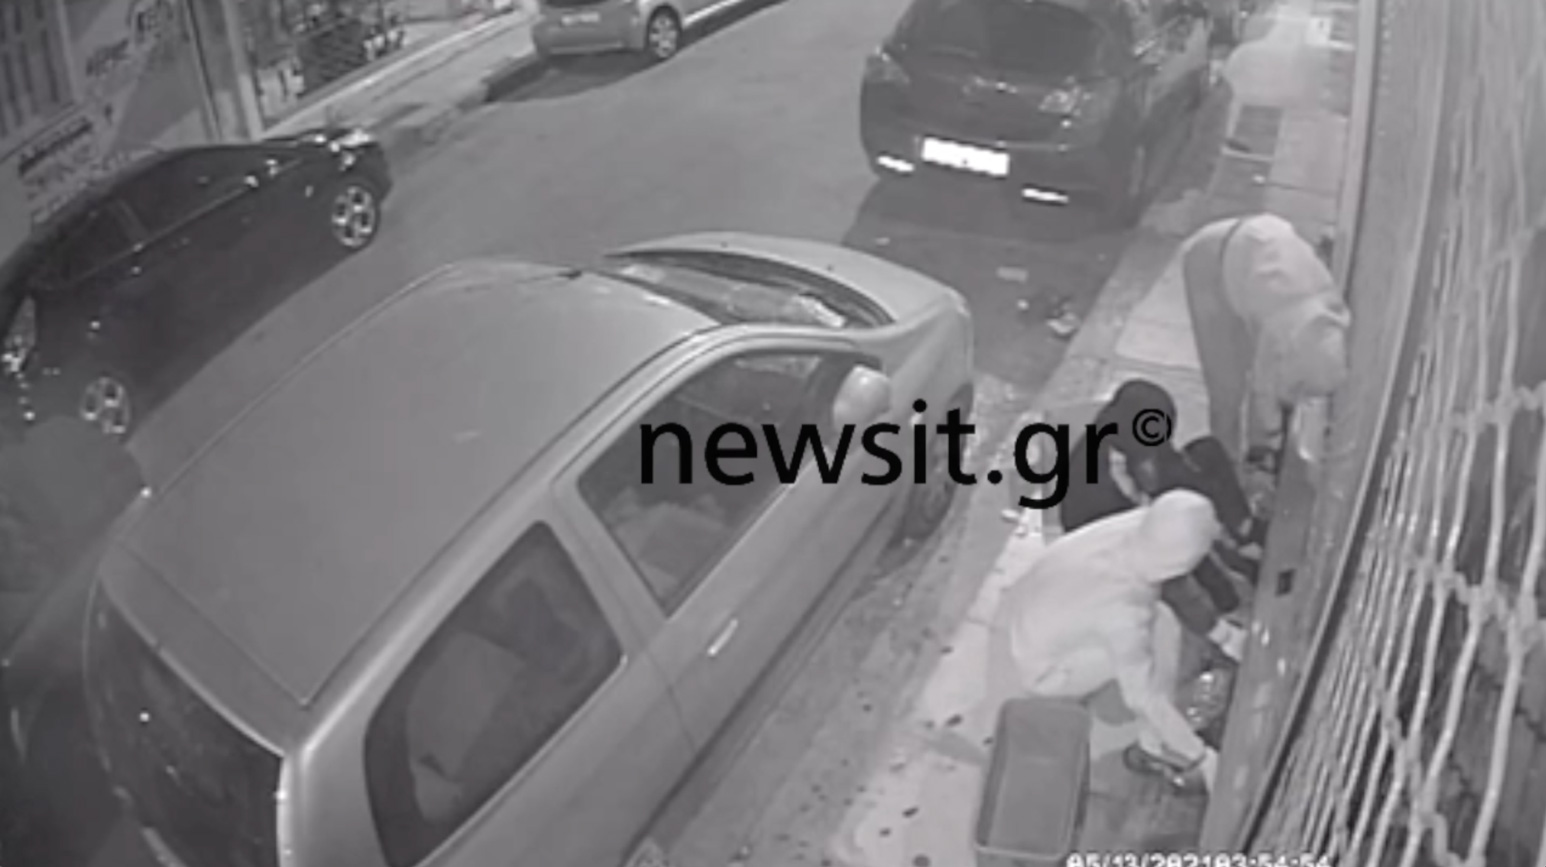 Βίντεο ντοκουμέντο πριν από την άγρια καταδίωξη στο κέντρο της Αθήνας